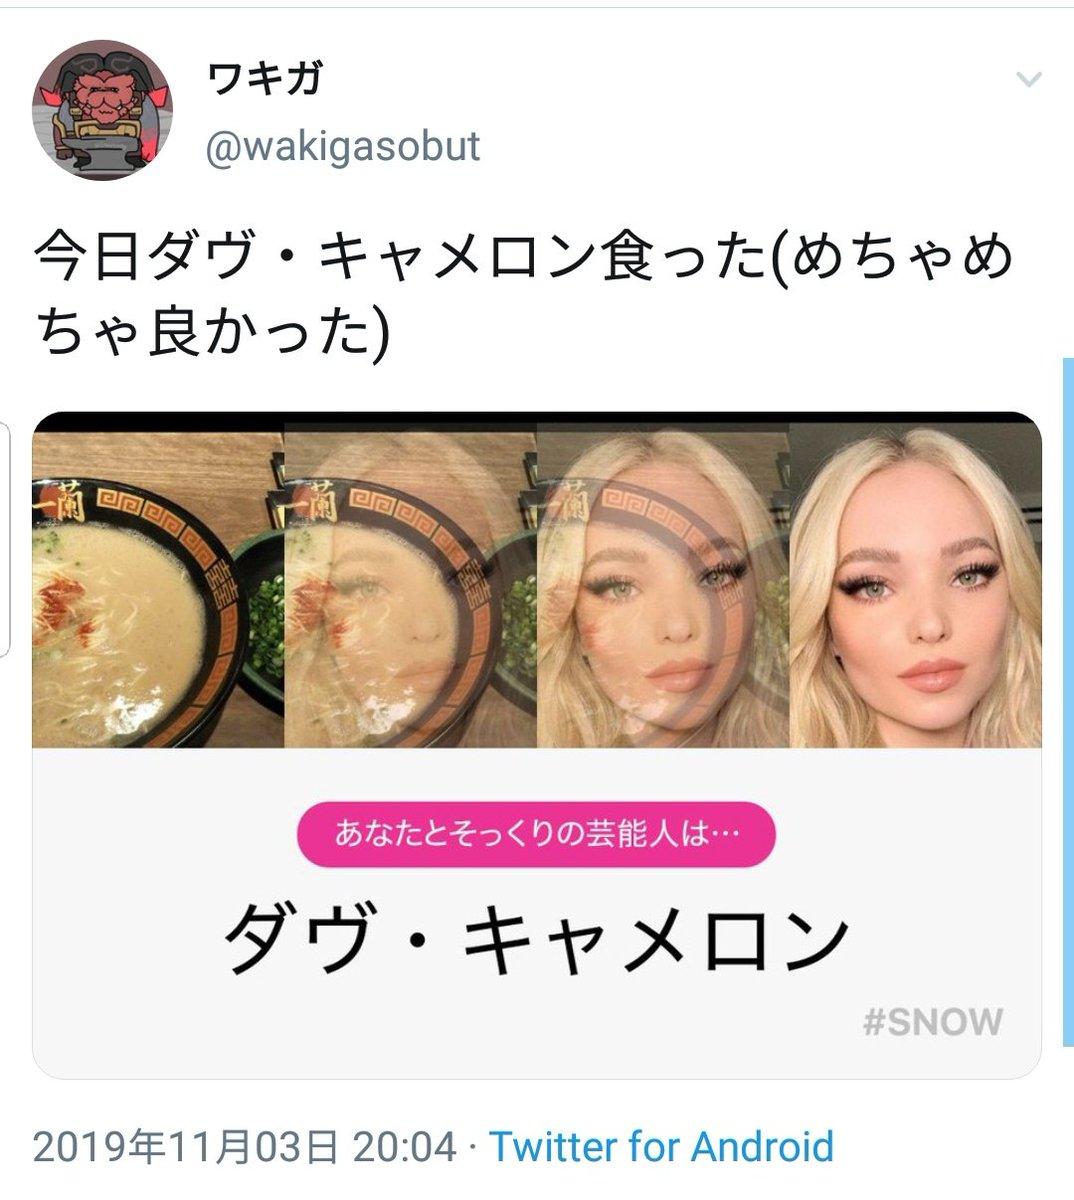 ダヴ・キャメロン✨ tagged Tweets and Download Twitter MP4